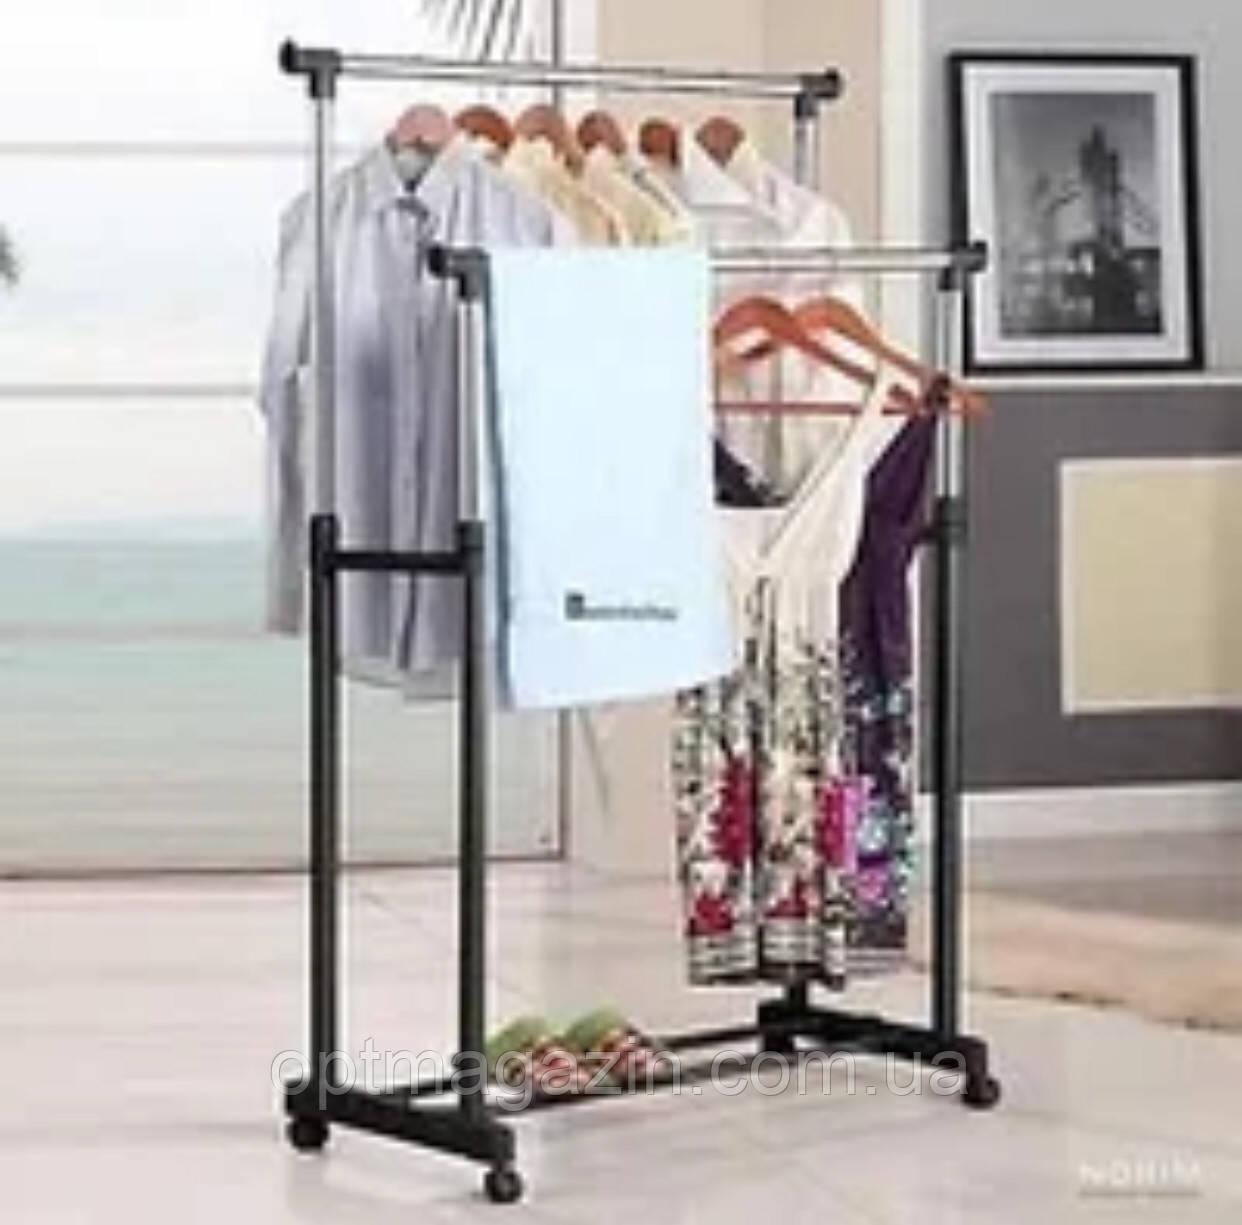 Телескопическая стойка-вешалка для одежды Double Pole Clothes Horse 340 LR